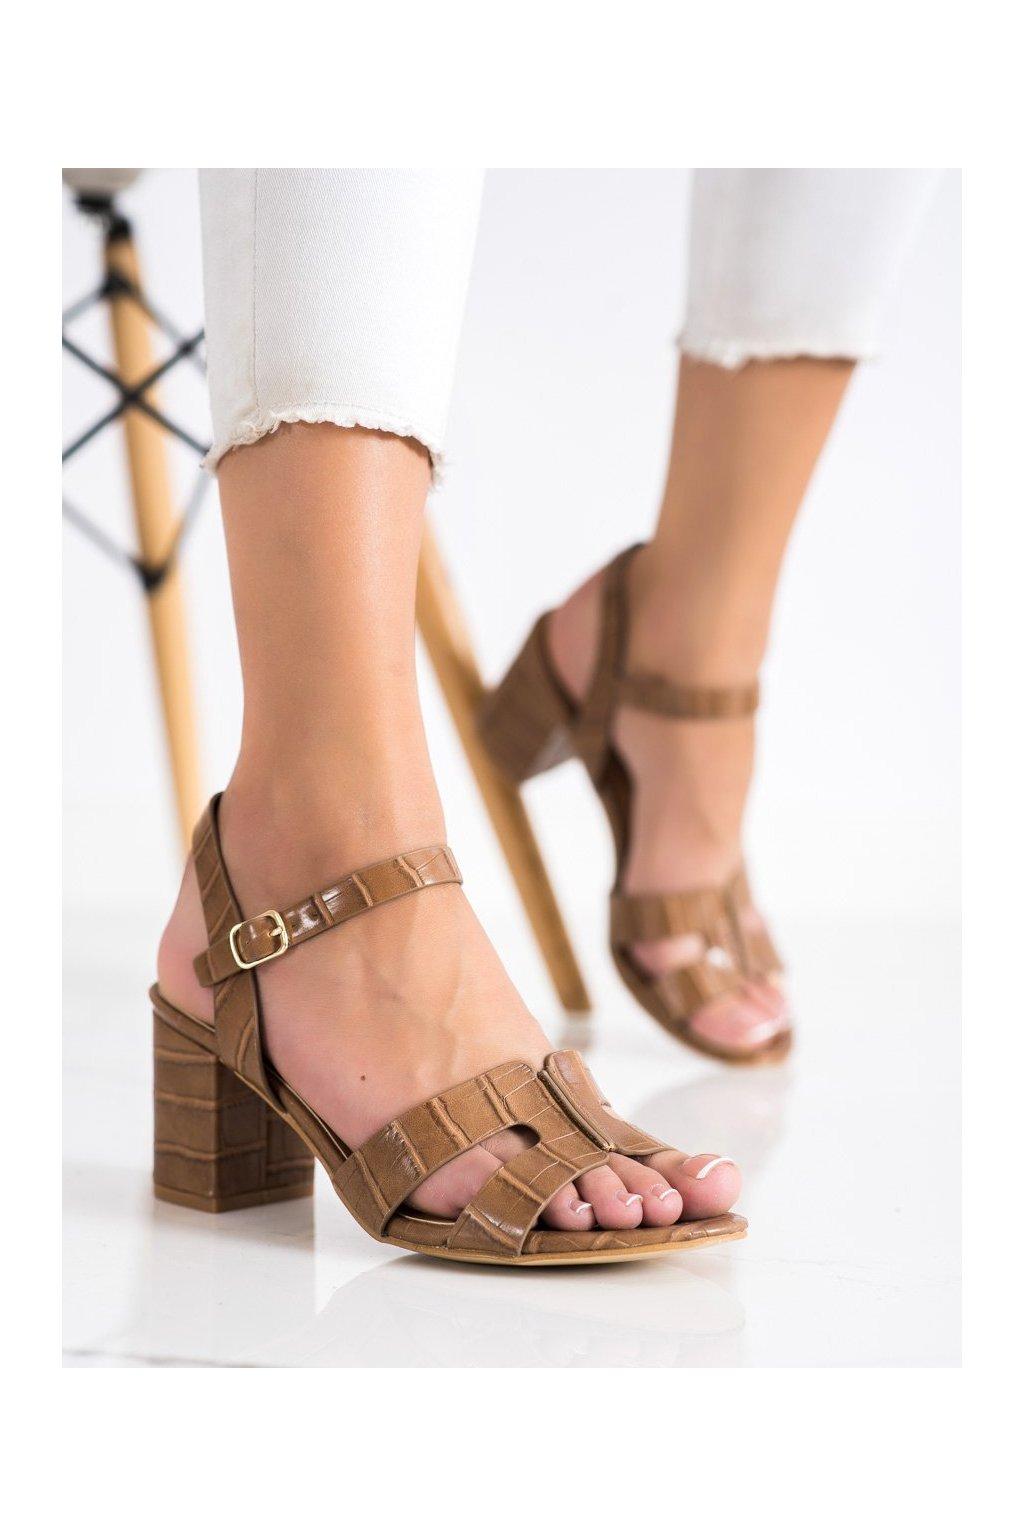 Hnedé dámske sandále Cm paris kod 11-06C